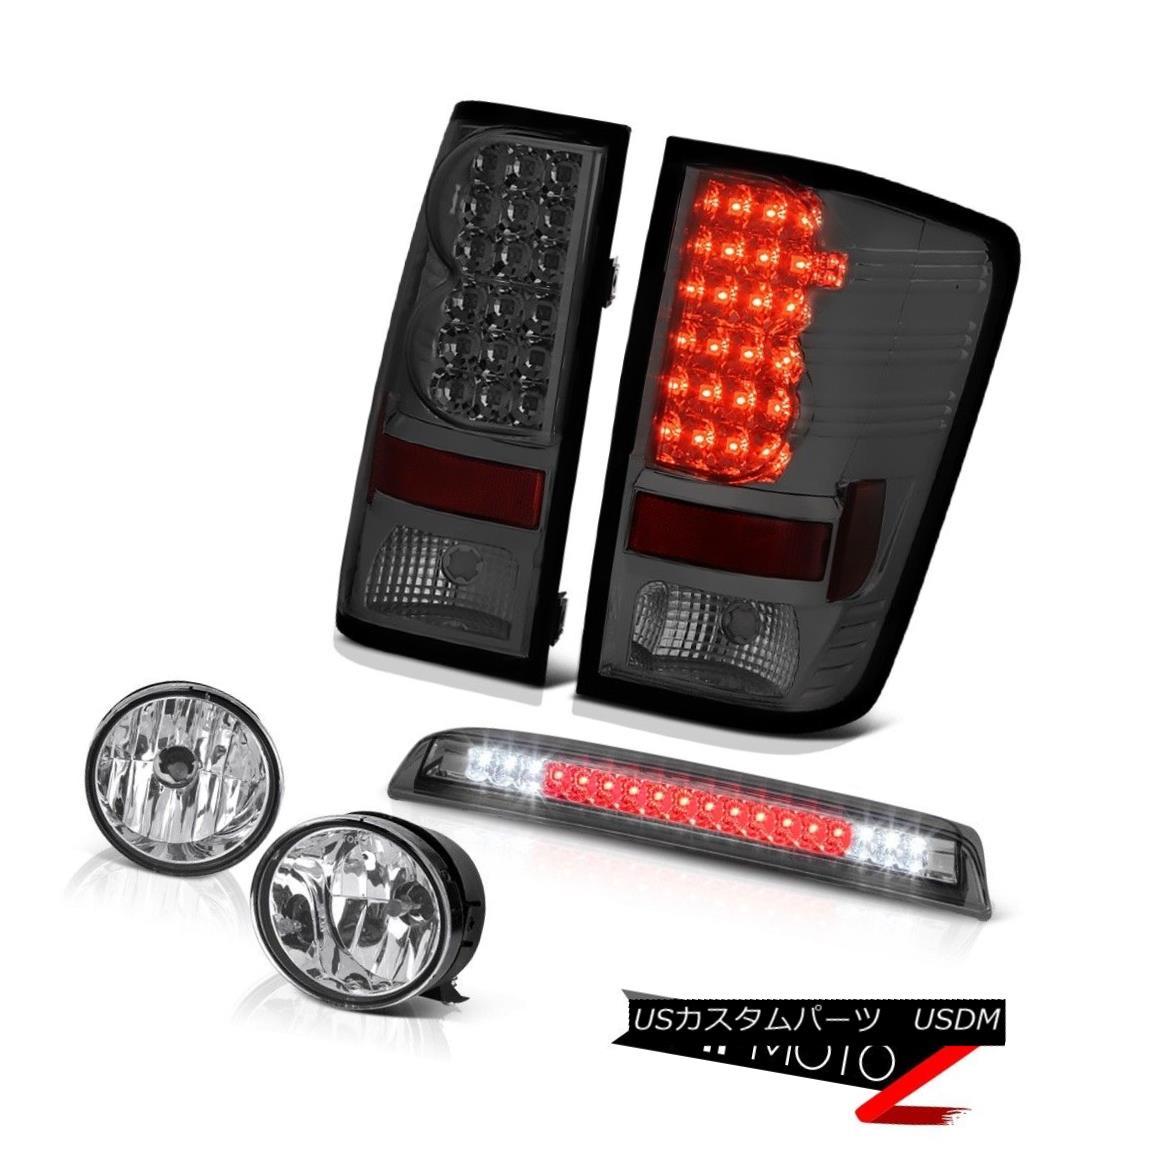 テールライト Tinted LED Tail Lights Clear Bumper Fog For 04-15 09 2015 Titan SV Third Brake タイテッドLEDテールライトクリアバンパーフォグ04-15 09 2015 Titan SV Third Brake